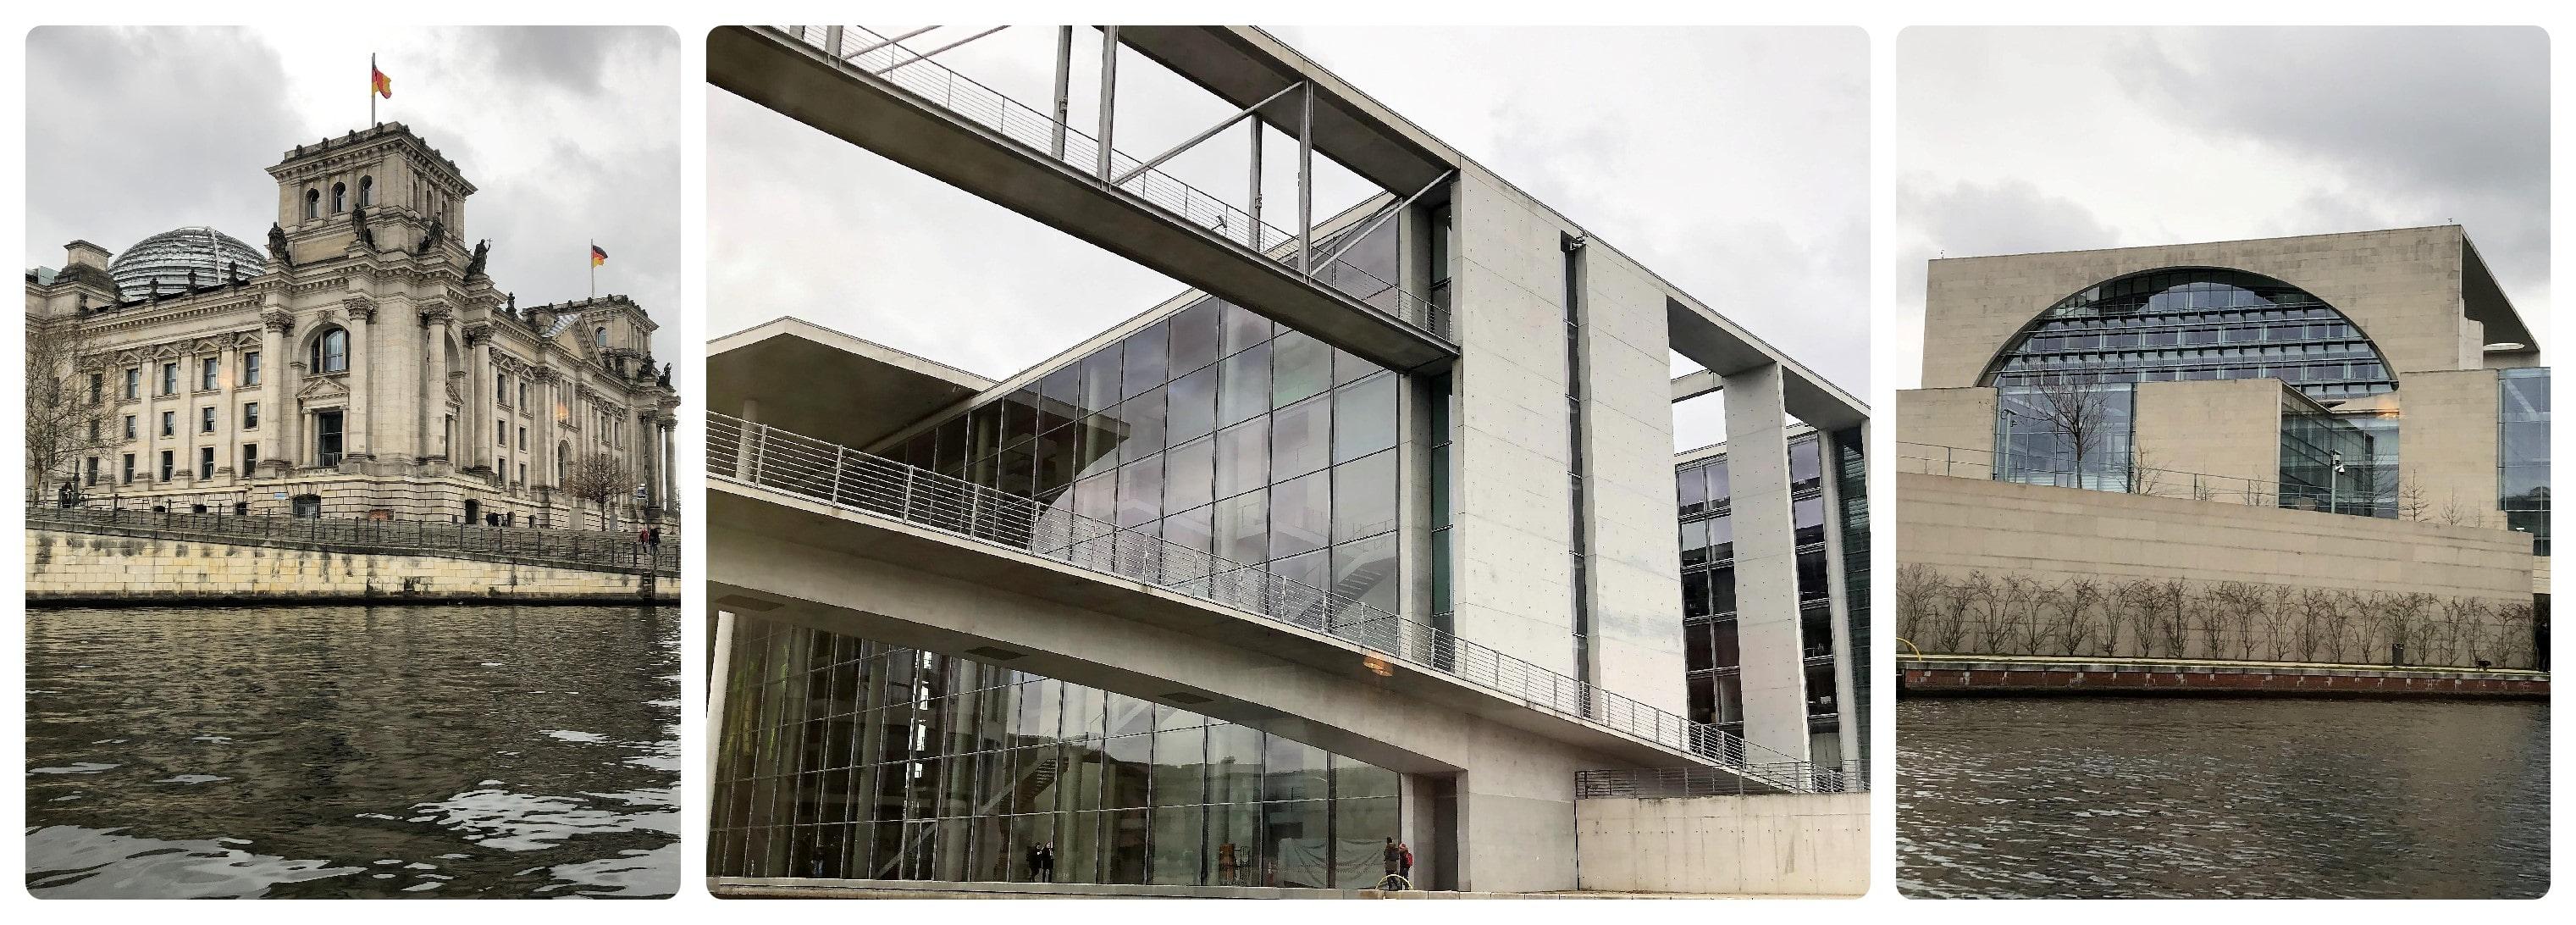 Reichstag Band des Bundes Kanzleramt-min